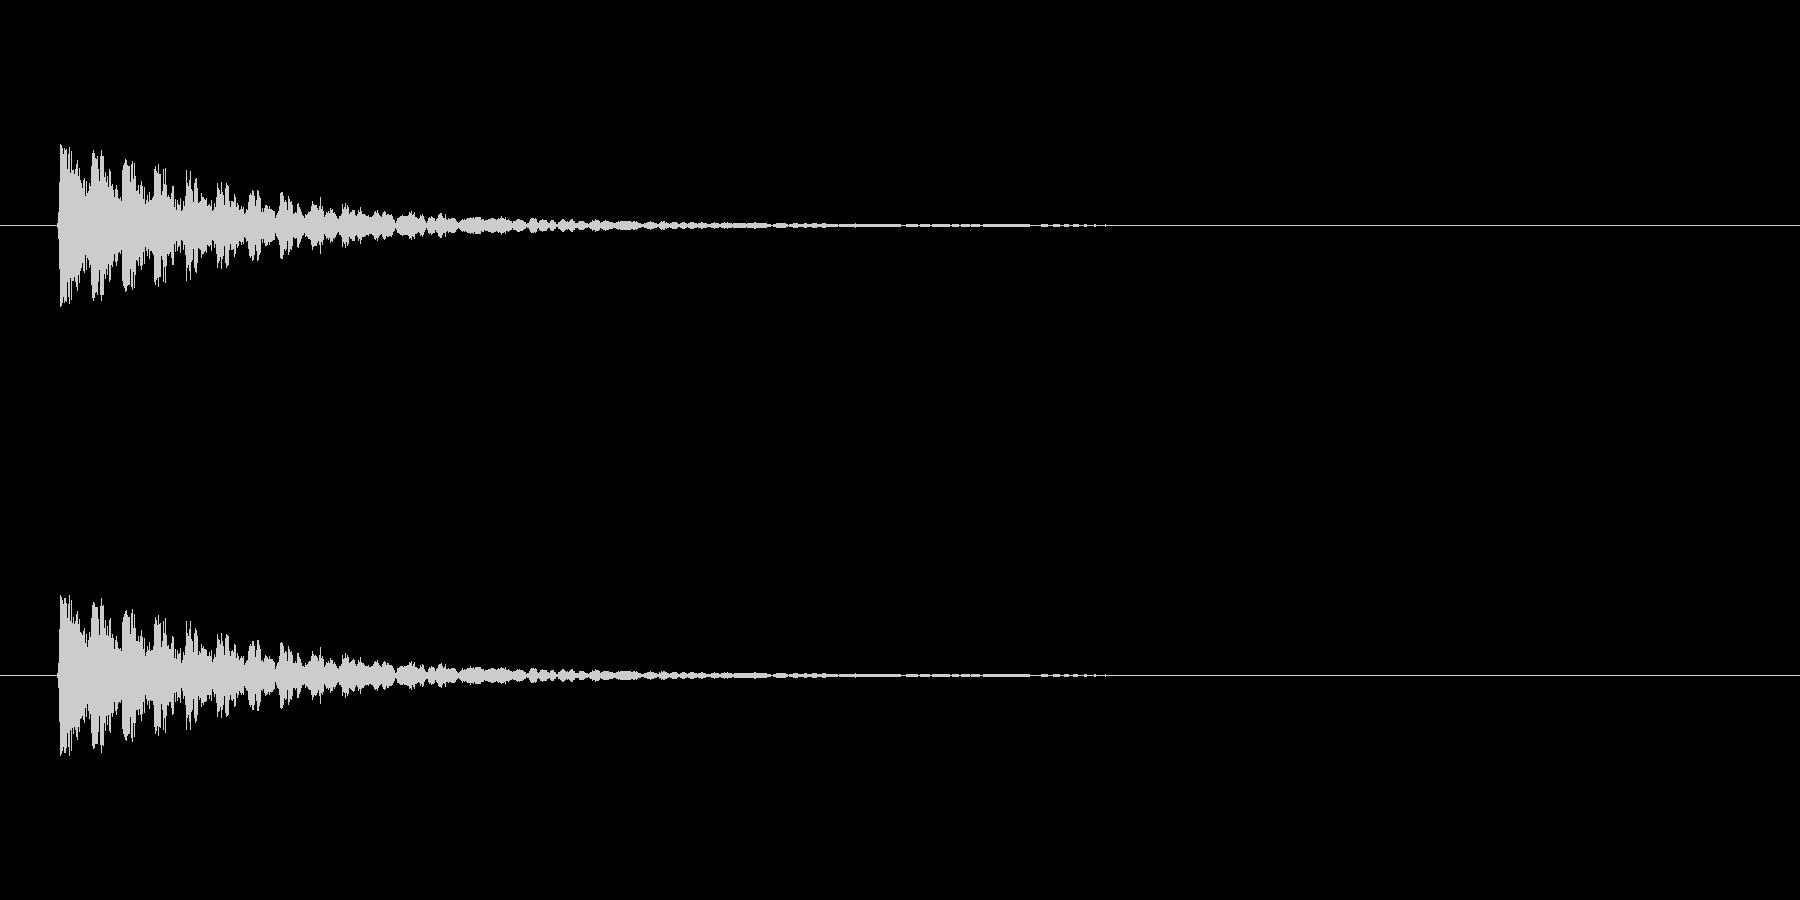 【アクセント18-1】の未再生の波形